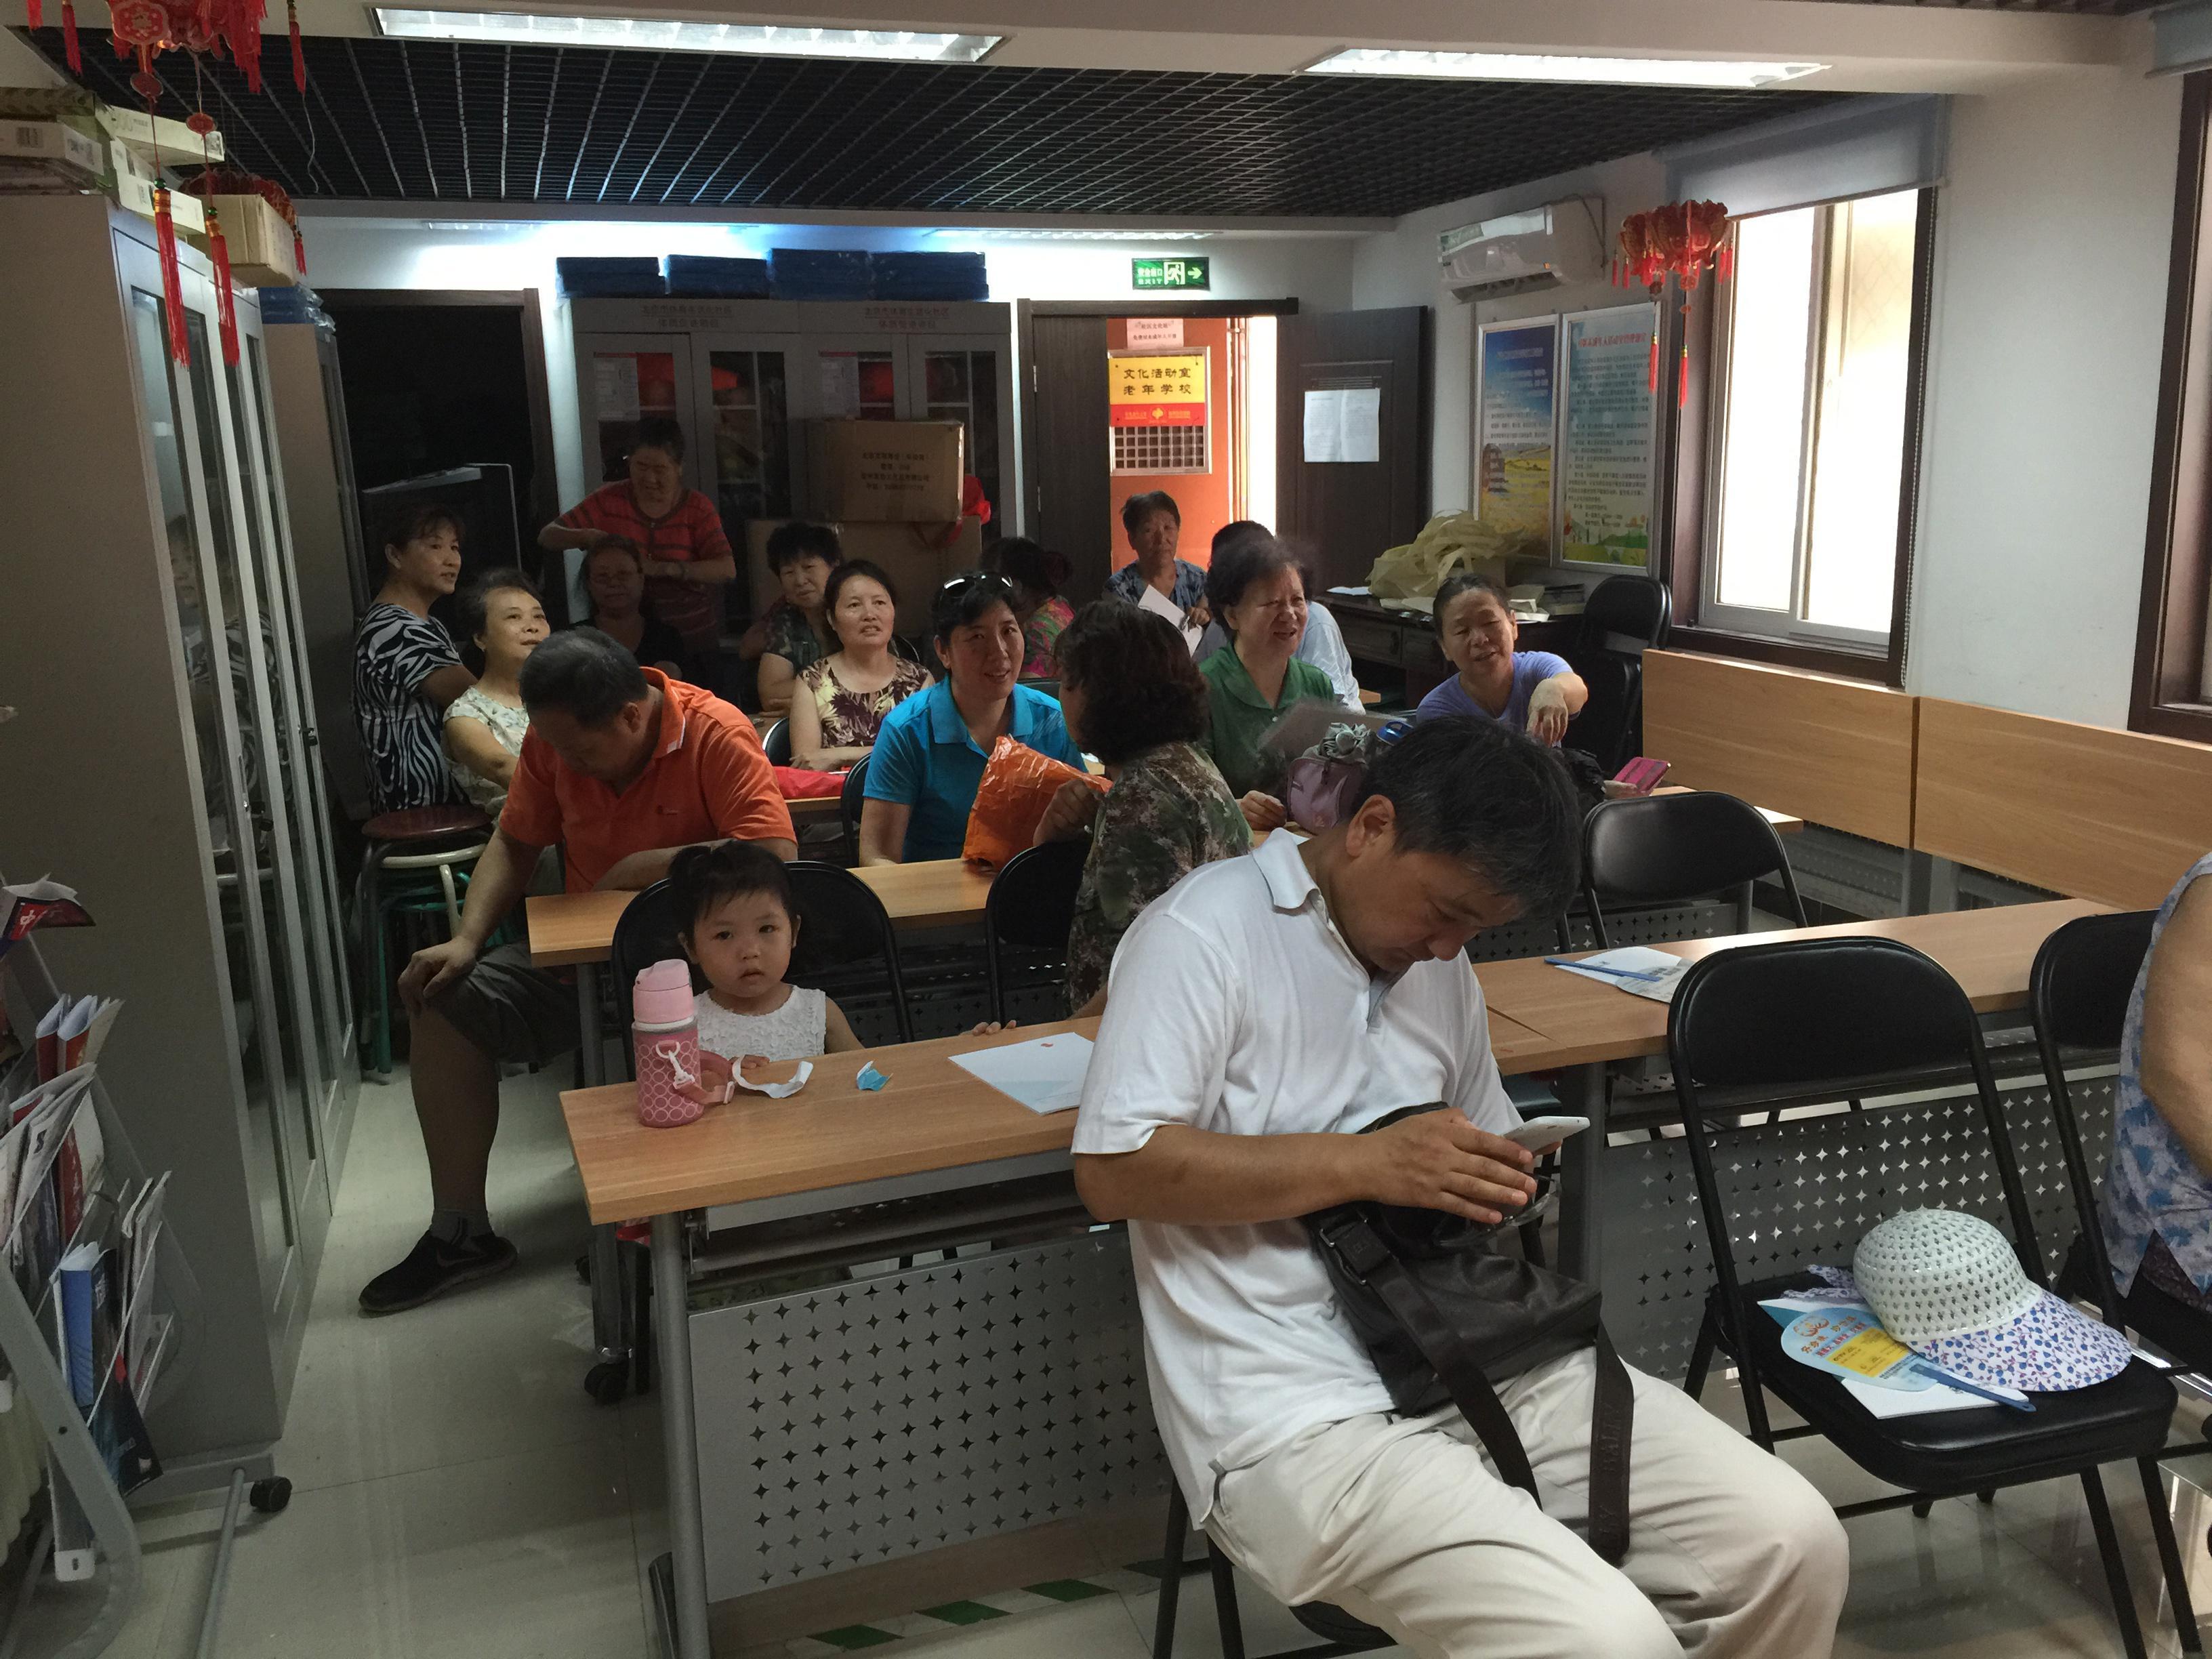 健康咨询开始前居民耐心等待并扫xywy问医生公众号。